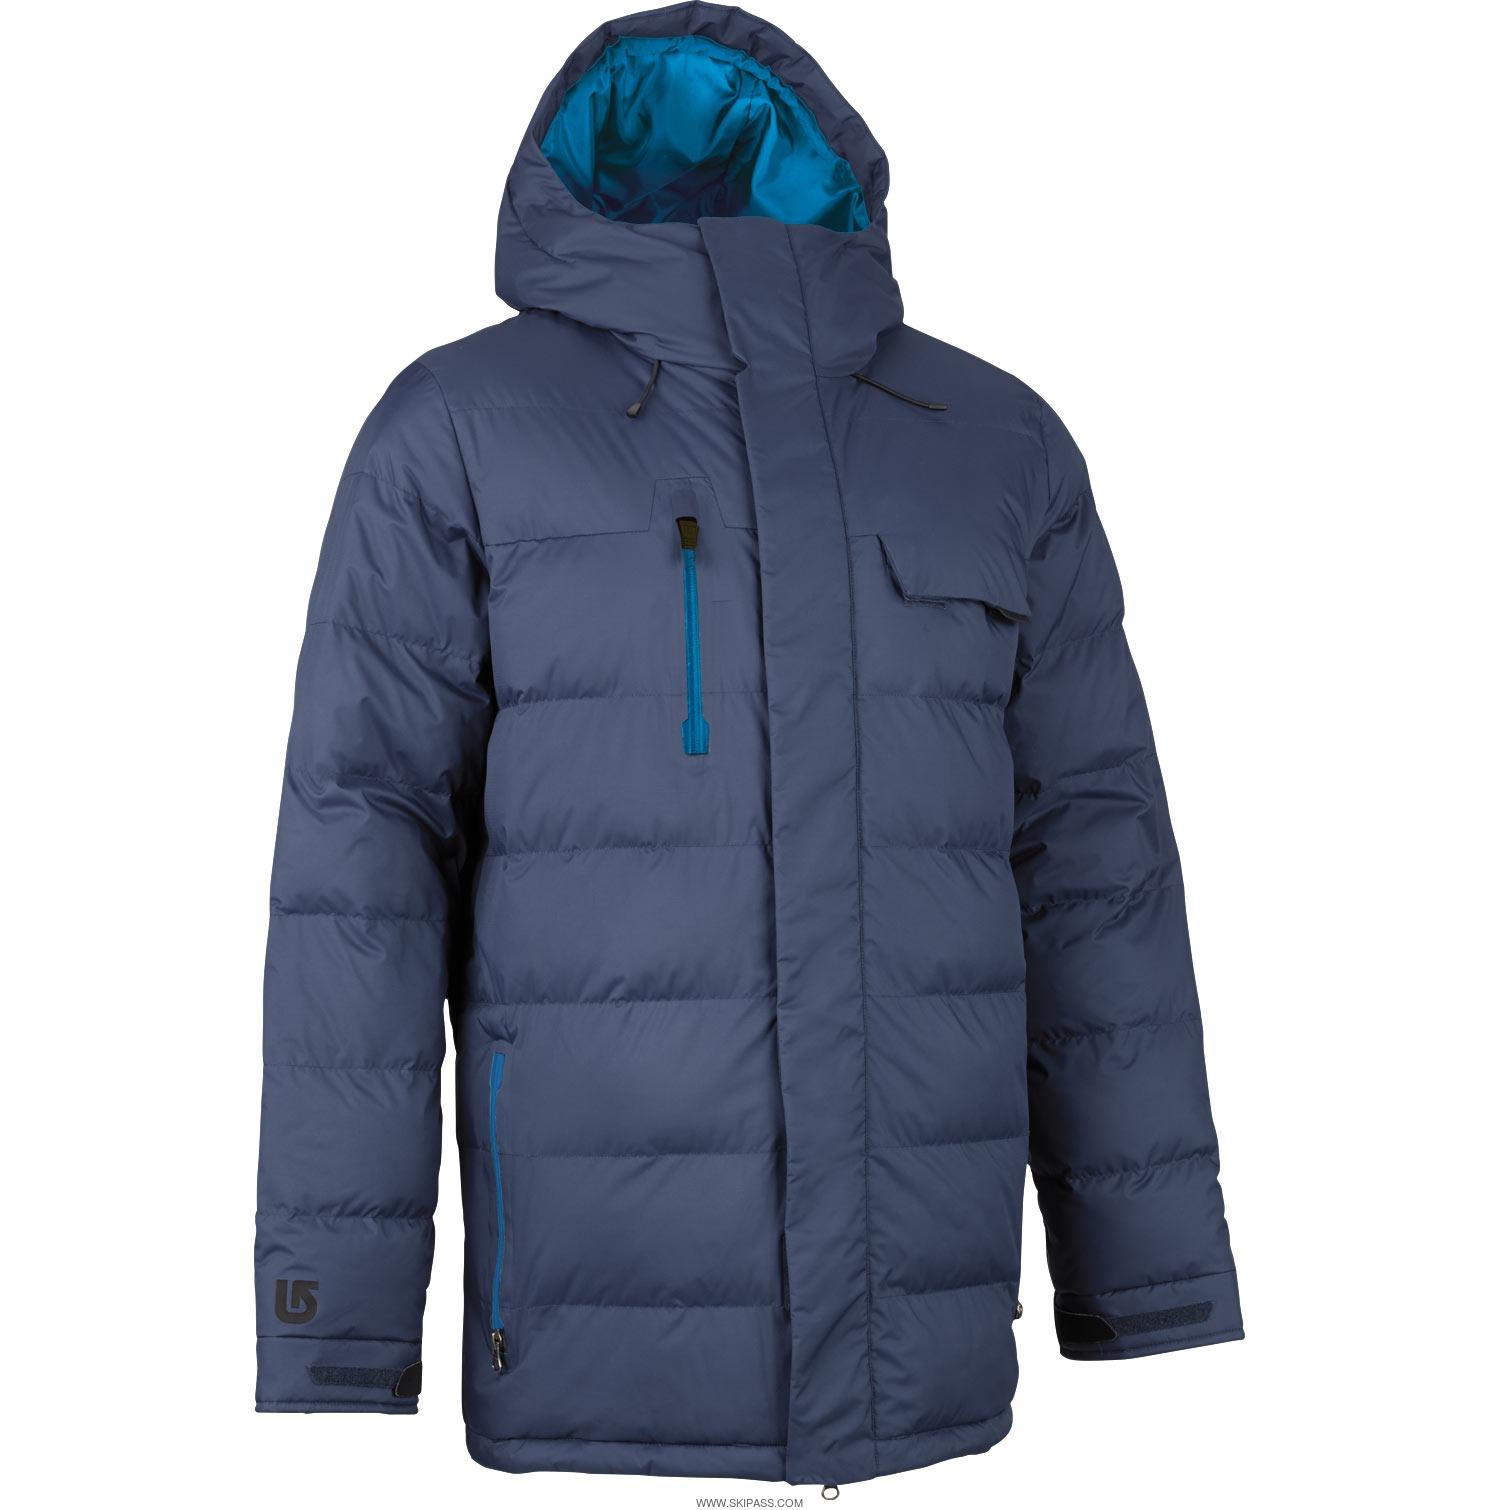 B Snowboards Hostile Jacket 2016